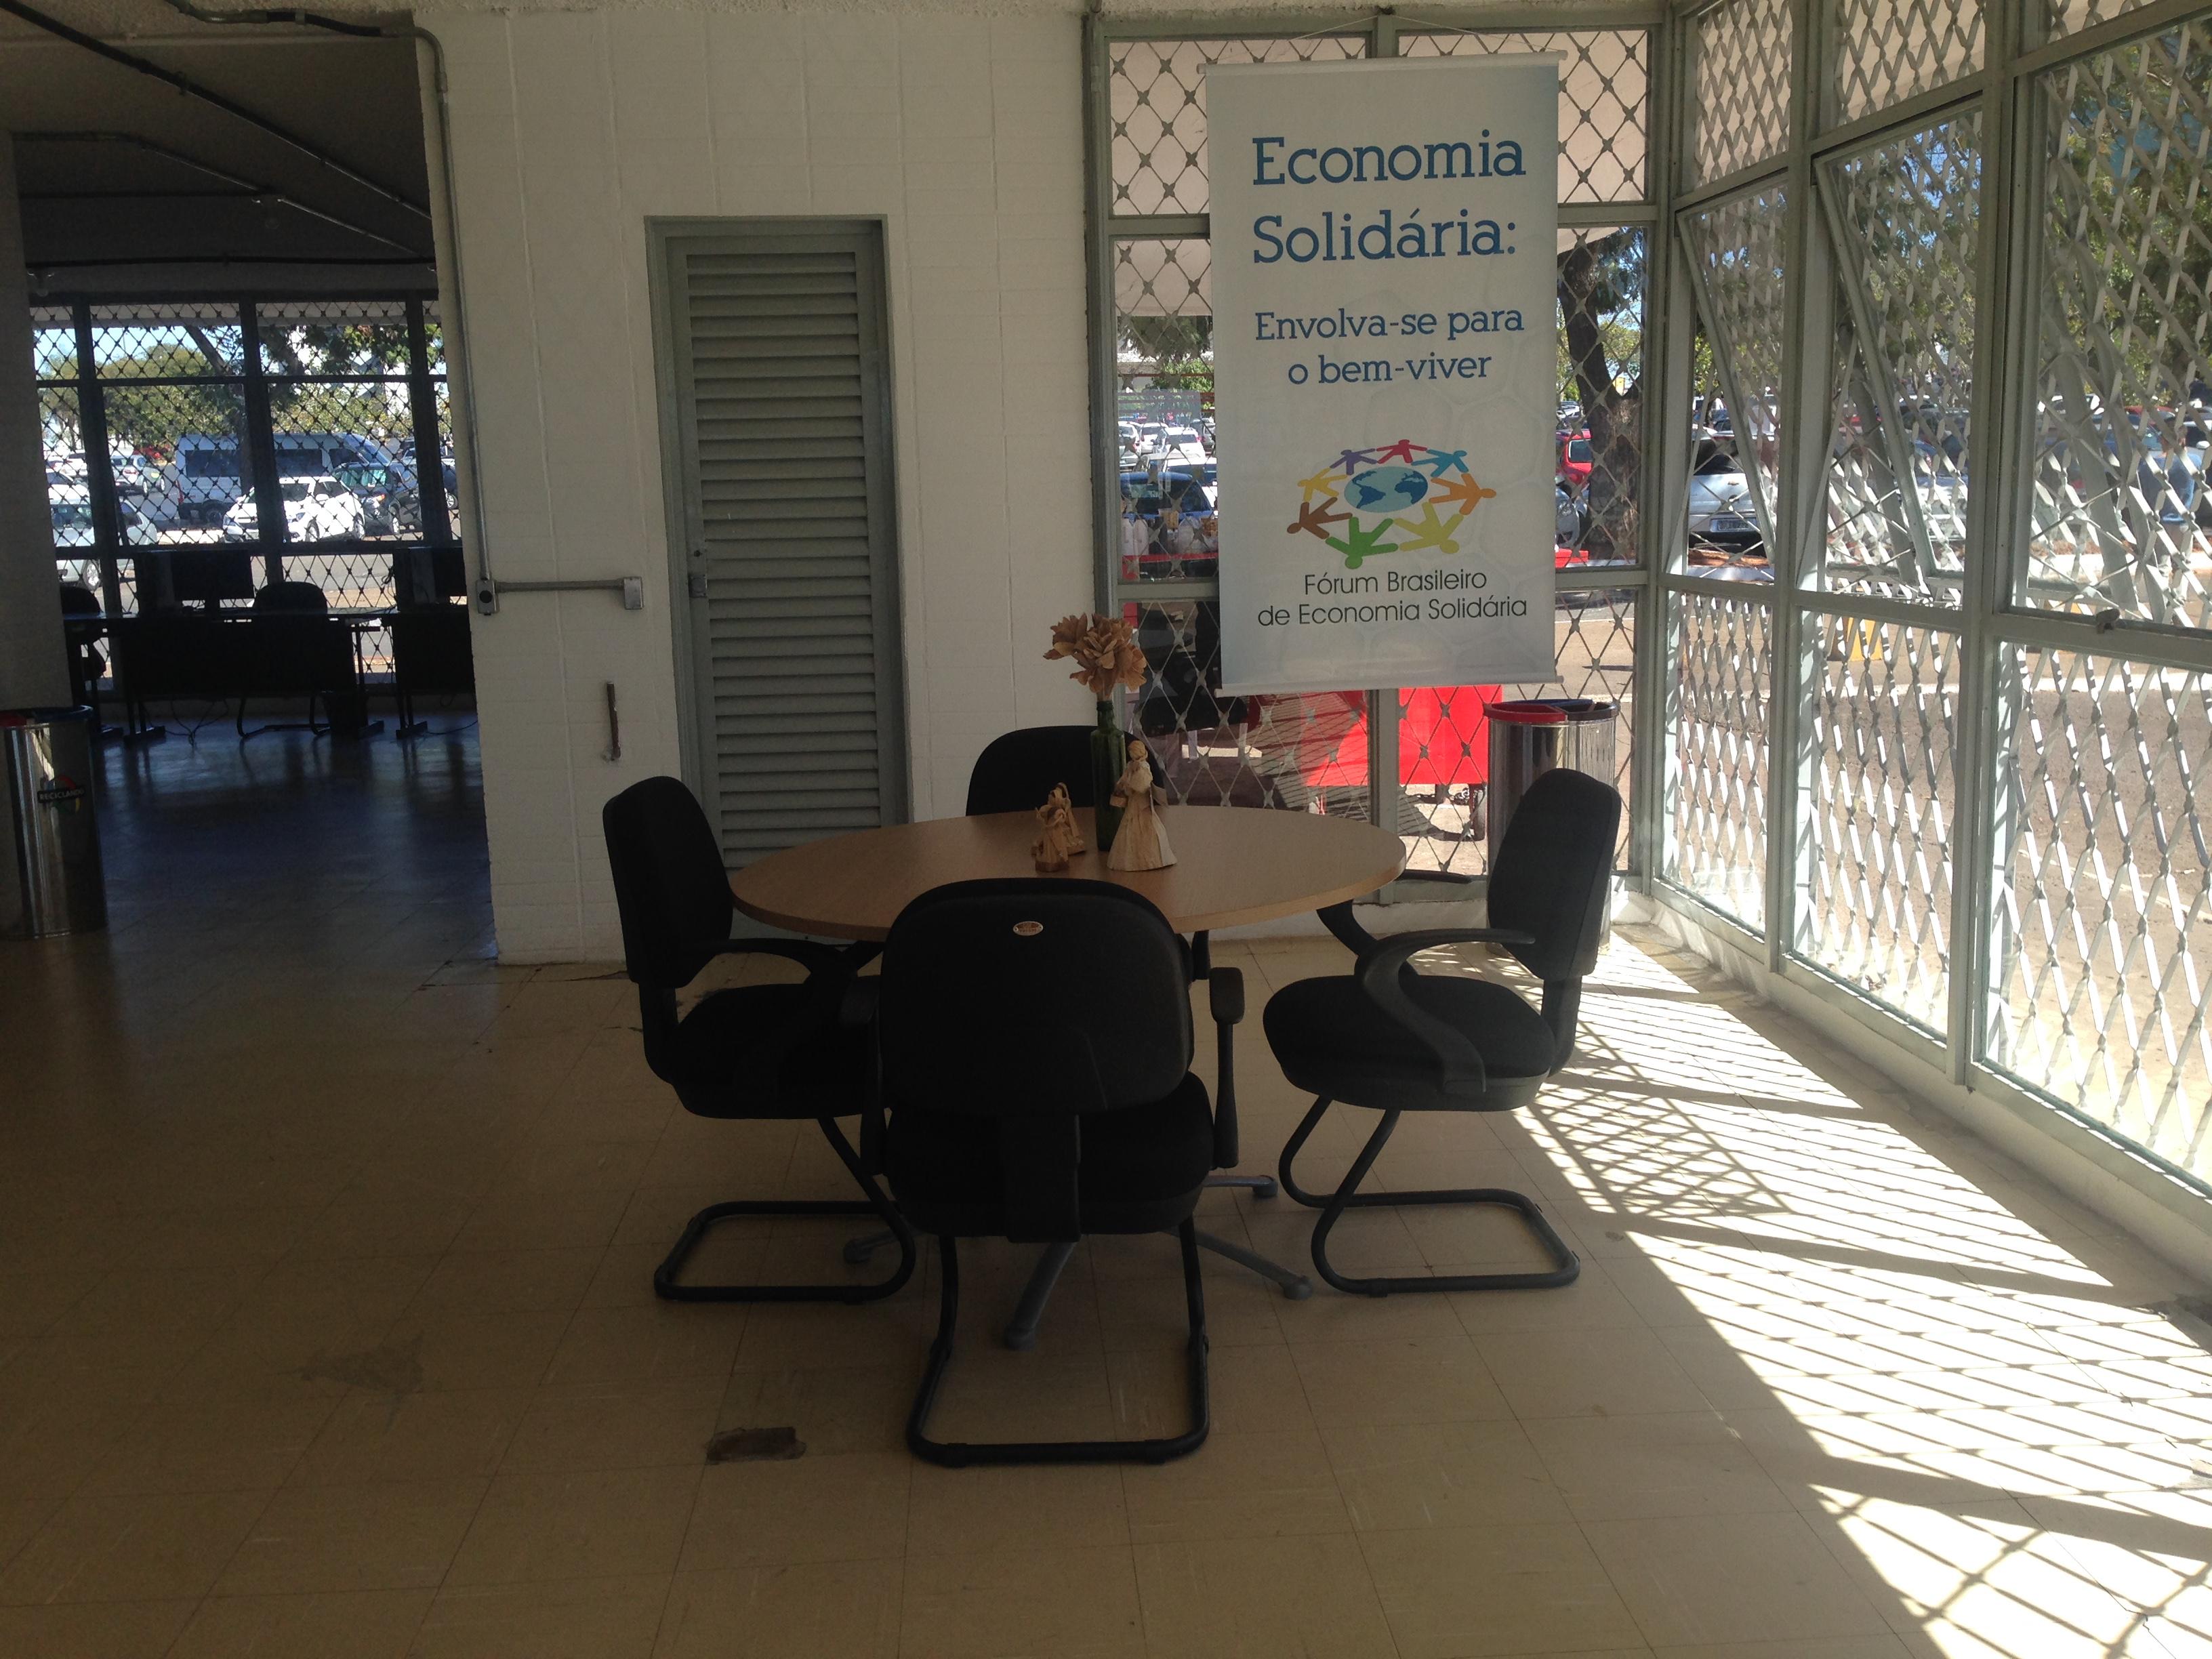 """Implantado em 2017, o Centro Público de Economia Popular e Solidária do Distrito Federal - CPES que contribuiu para integrar o segmento, potencializar o crescimento da economia solidária como alternativa social e econômica. Portaria 155, de 21 de julho de 2017 (<a href=""""http://www.sinj.df.gov.br/sinj/Norma/b5be4d8c4e694923b4a5997fb48d9631/Portaria_155_21_07_2017.html"""">link aqui</a>). <p> Entre os meses de junho/2017 à março/2018 foram contabilizados 820 atendimentos no espaço. A unidade está localizada na antiga Galeria do Trabalhador, ao lado do shopping Conjunto Nacional."""